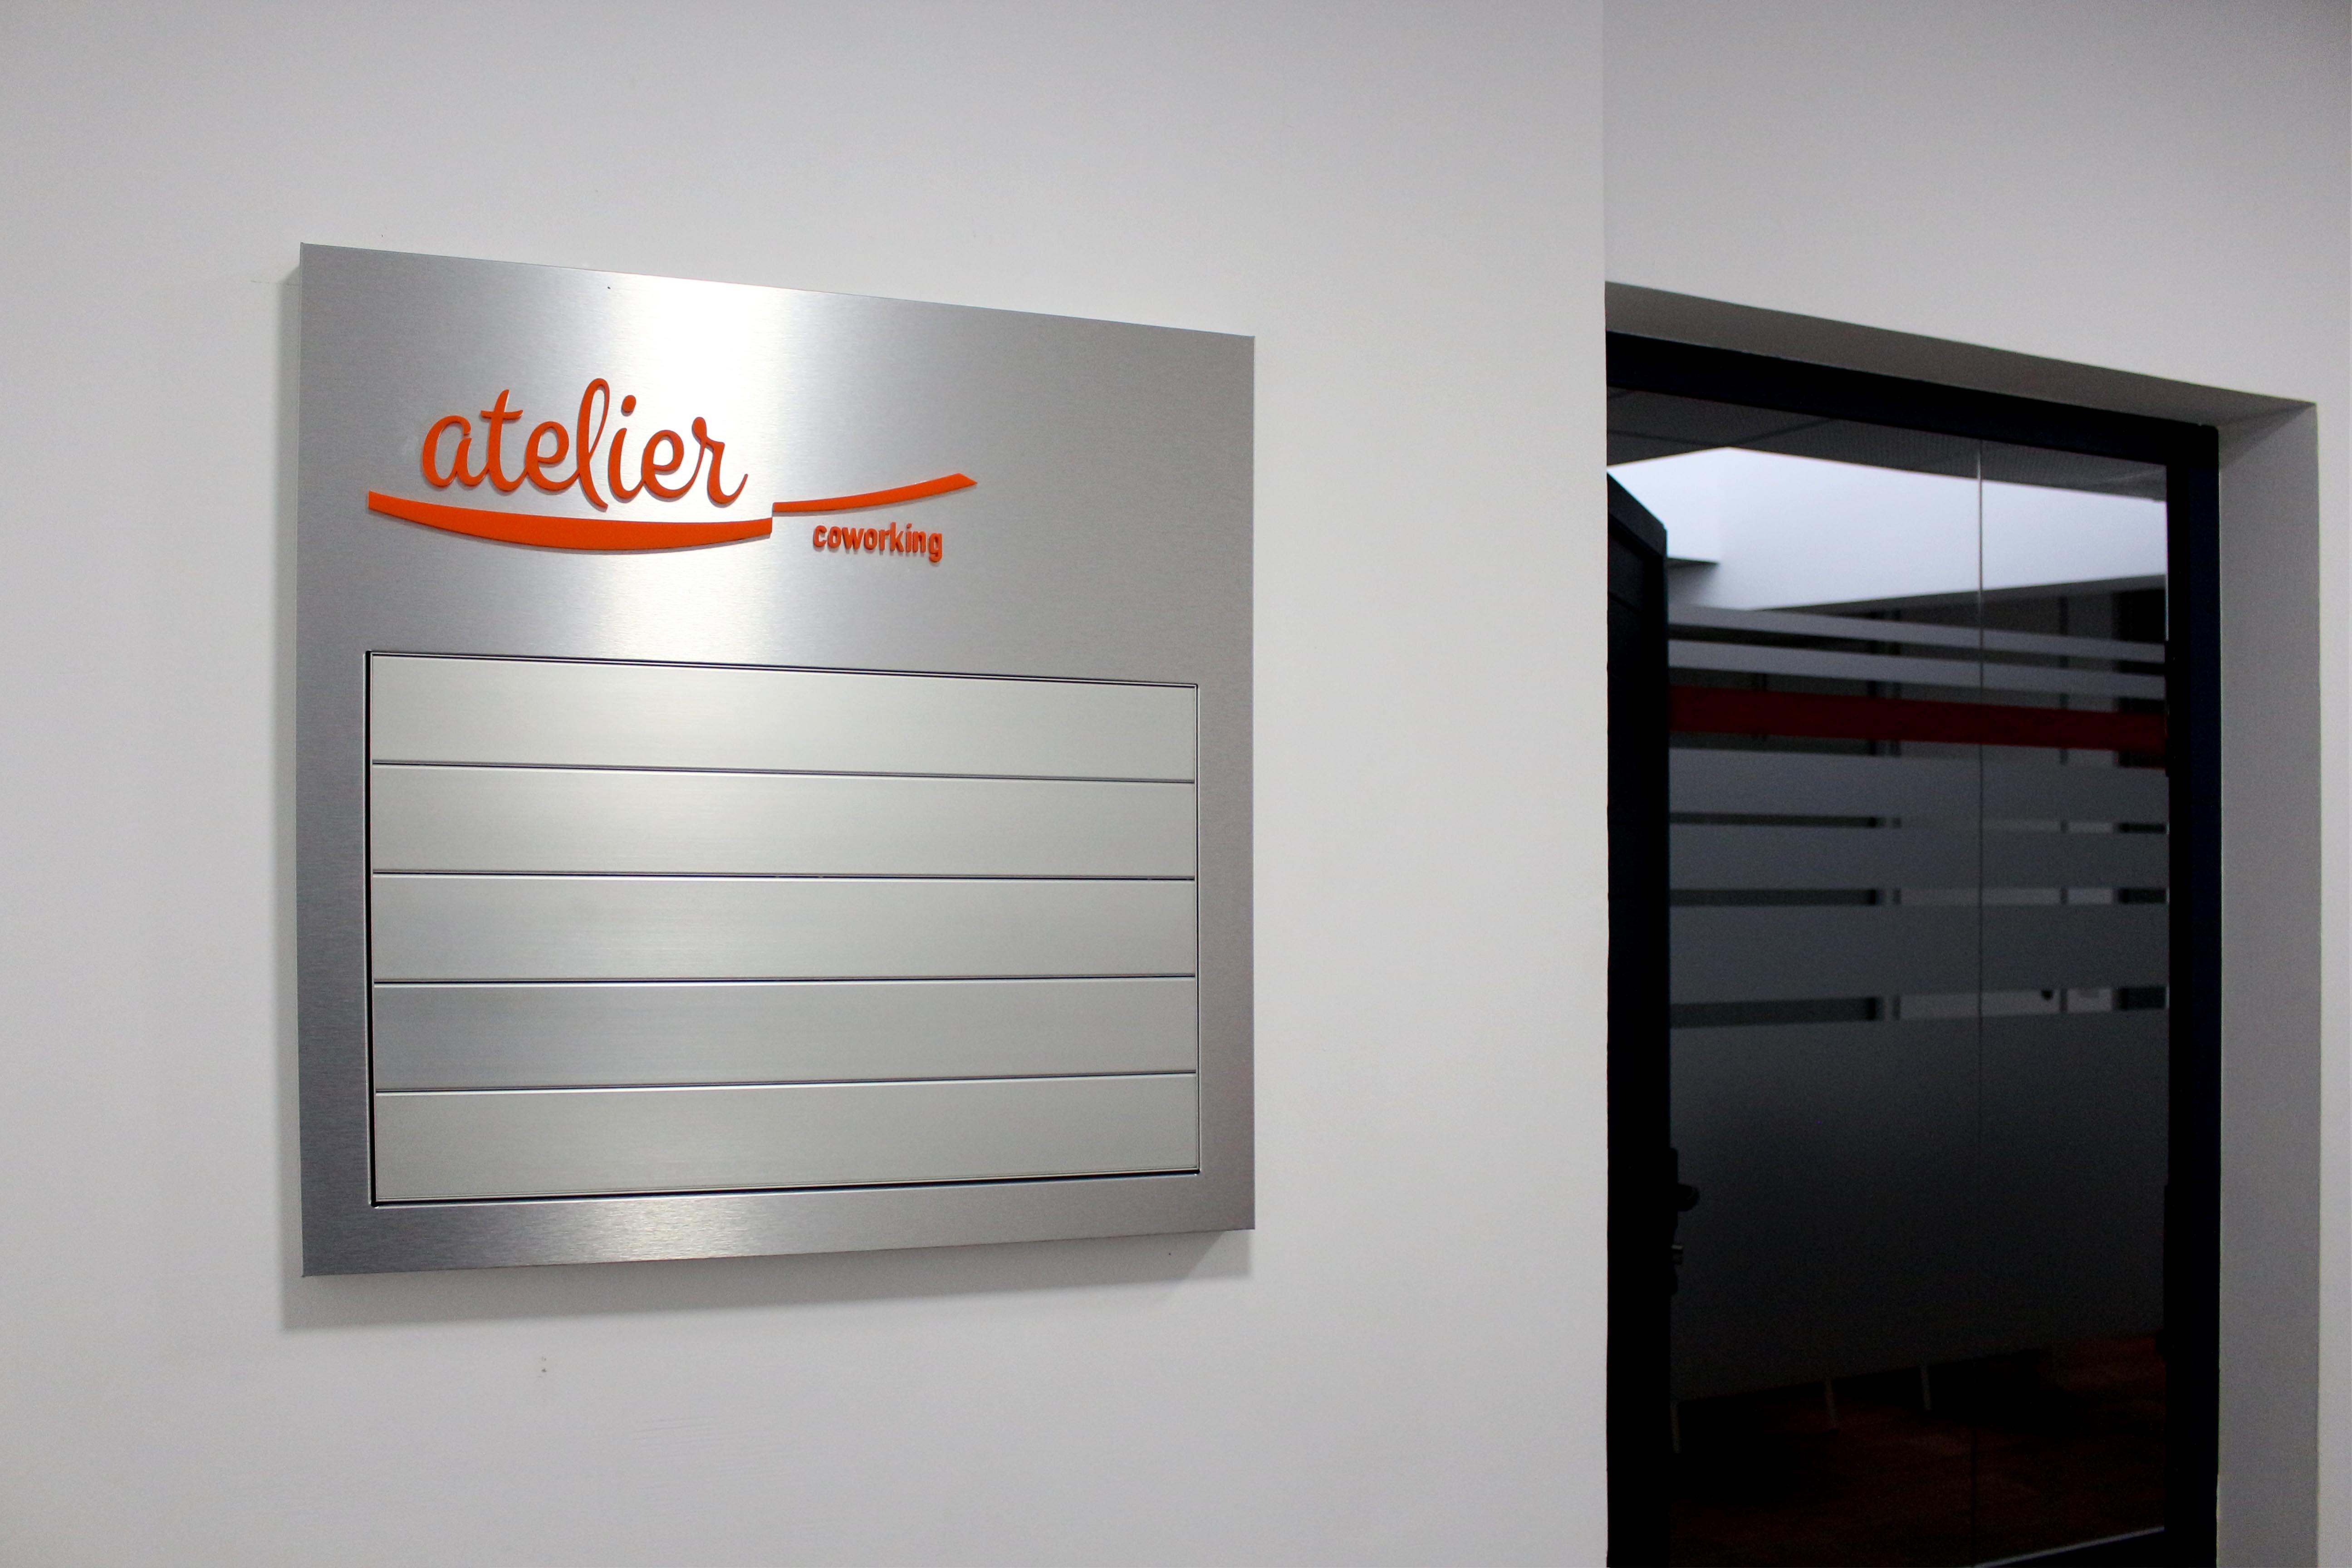 Directorio en lamas de aluminio, Atelier Coworking , Tenerife